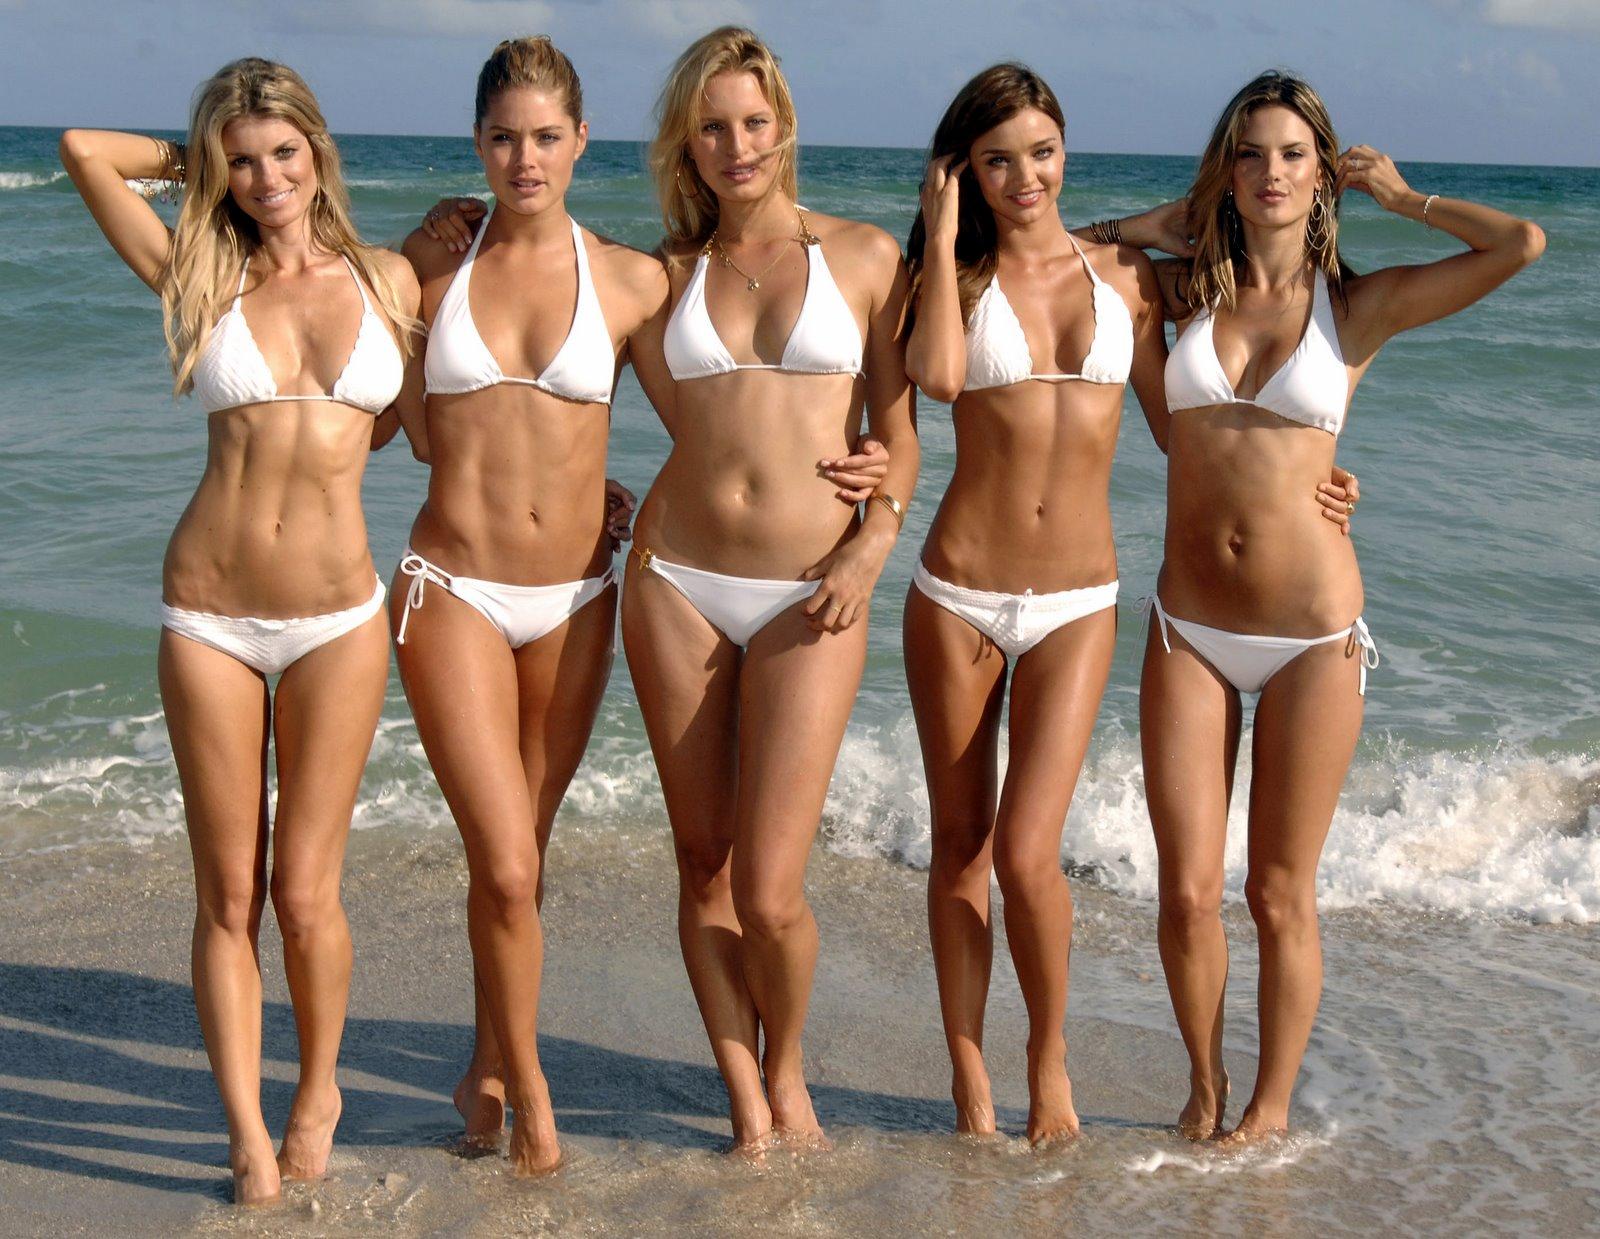 http://4.bp.blogspot.com/-k7C-fzUWteg/TyPi-XvLs-I/AAAAAAAAB_Q/lHCesjJBFCE/s1600/Doutzen_Kroes_Alessandra_Ambrosio_Miranda_Kerr_Karolina_Kurkova_Marisa_Miller_Bikini+0003.jpg